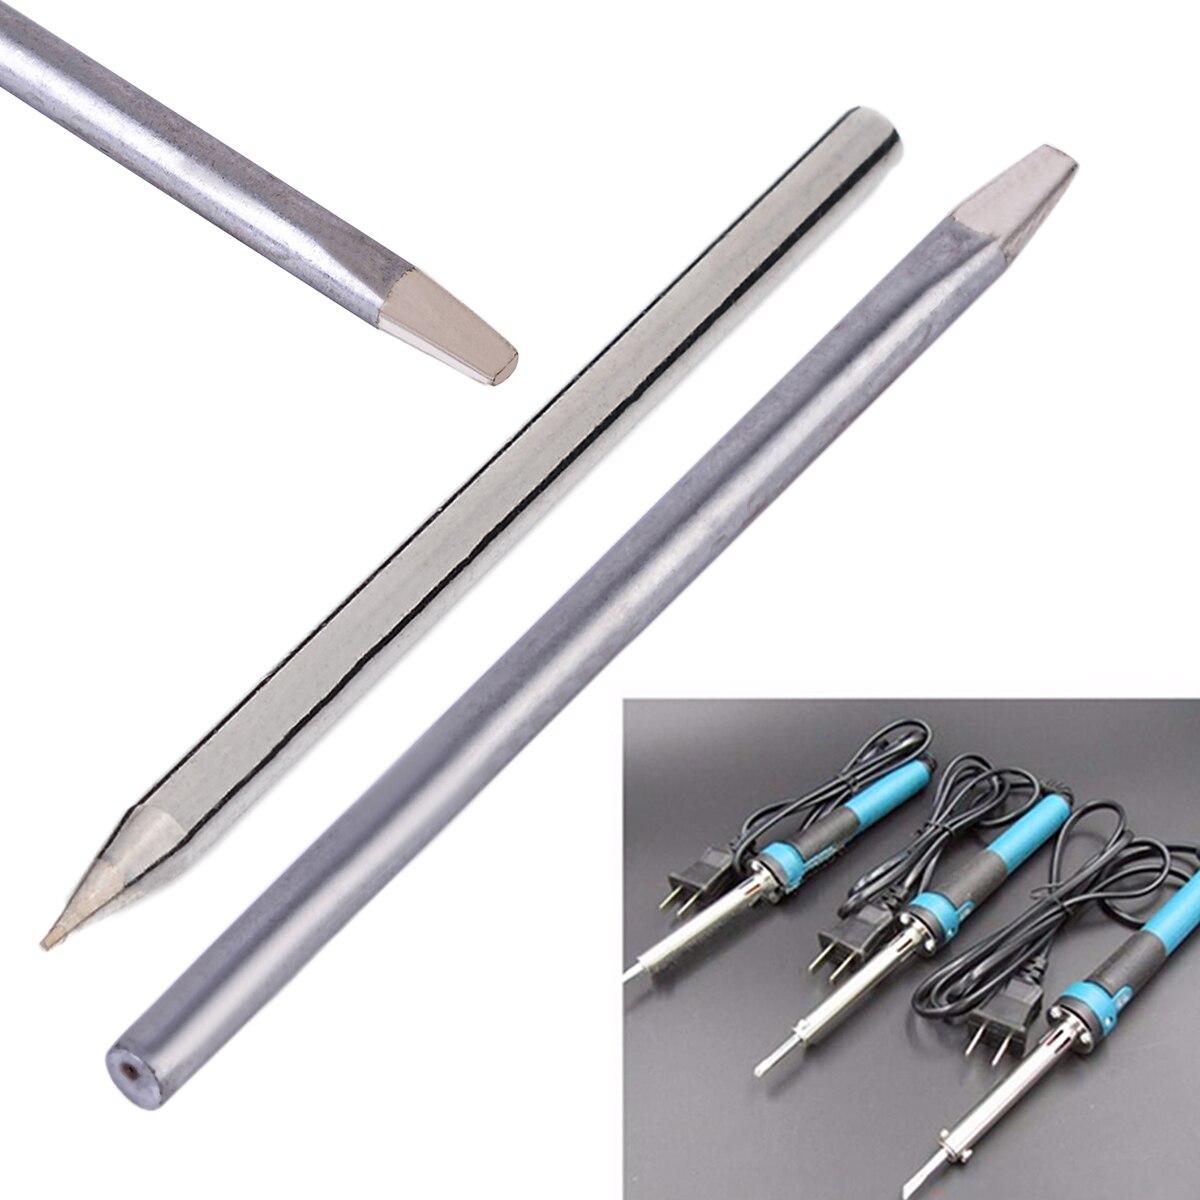 1Pcs  Soldering Tip  3.7mm 30W Replaceable Electric Soldering Tools Iron Bit Welder Solder Tips Random Patterns